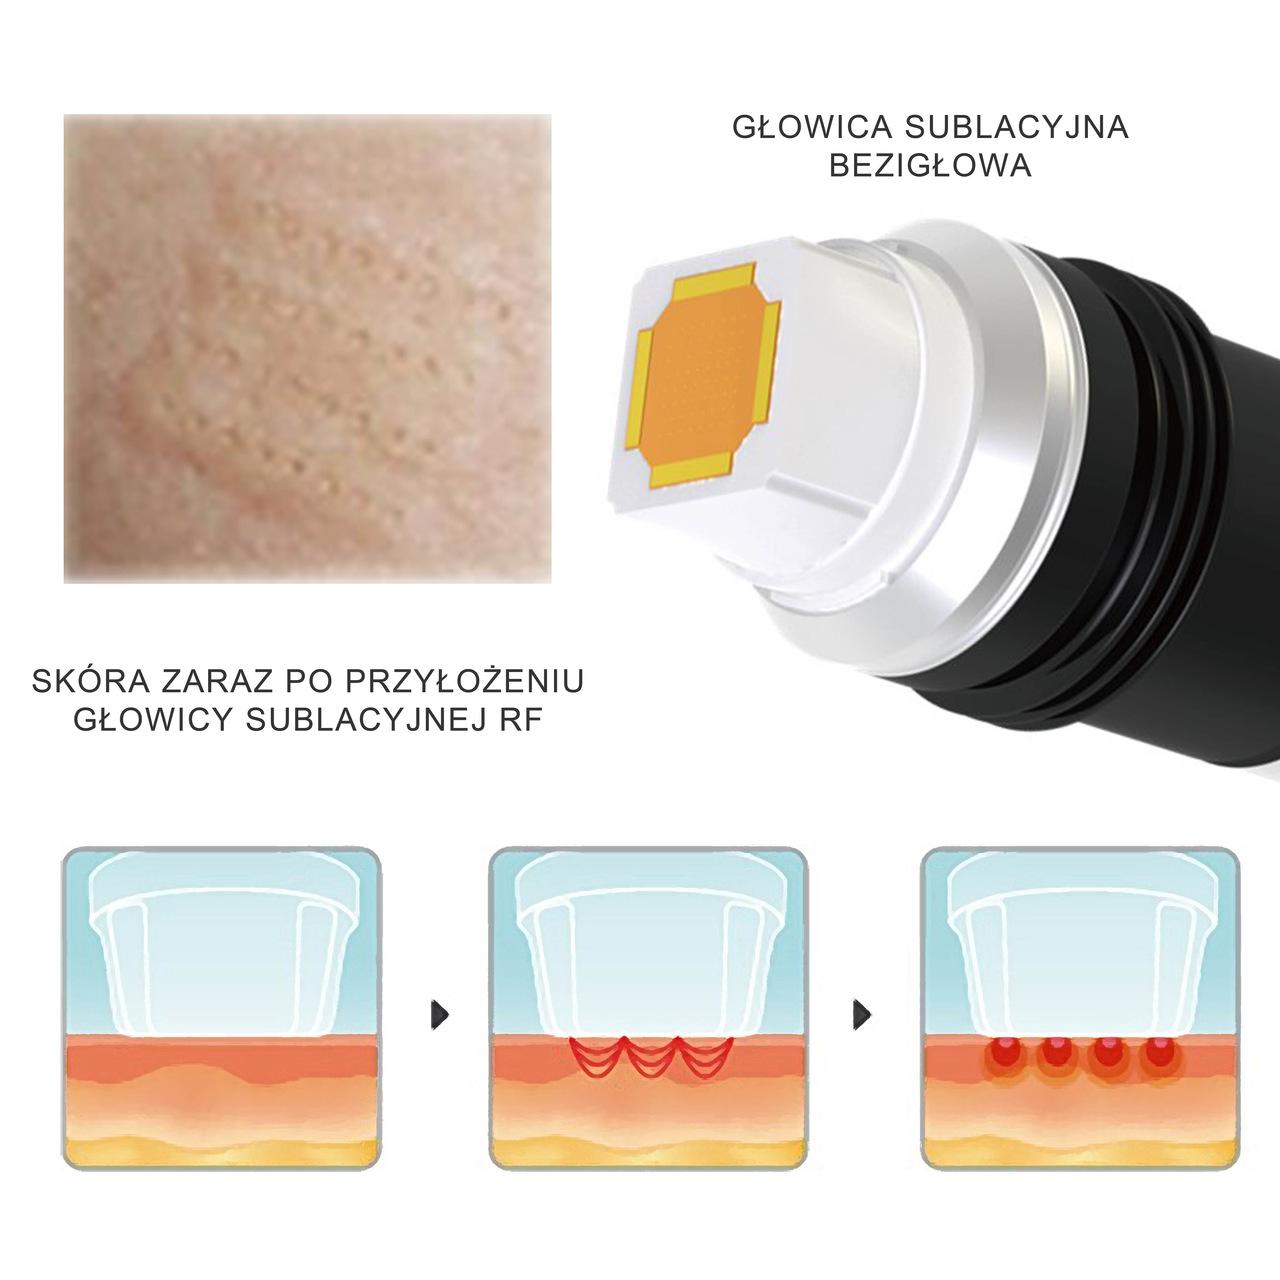 resurfacing light powierzchniowe odmładzanie